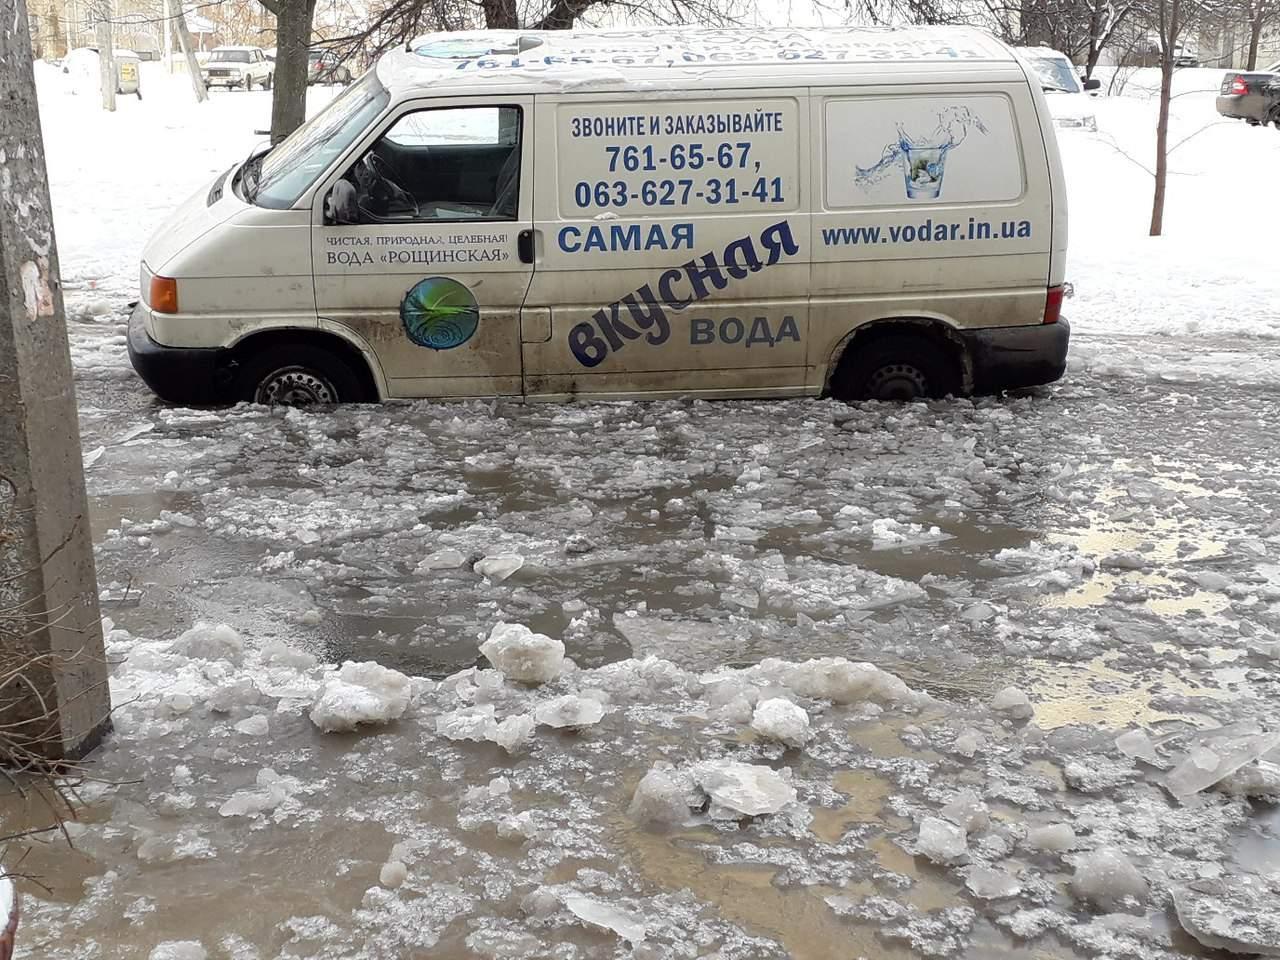 В Харькове   автомобилям приходится плавать по дороге (Фото)